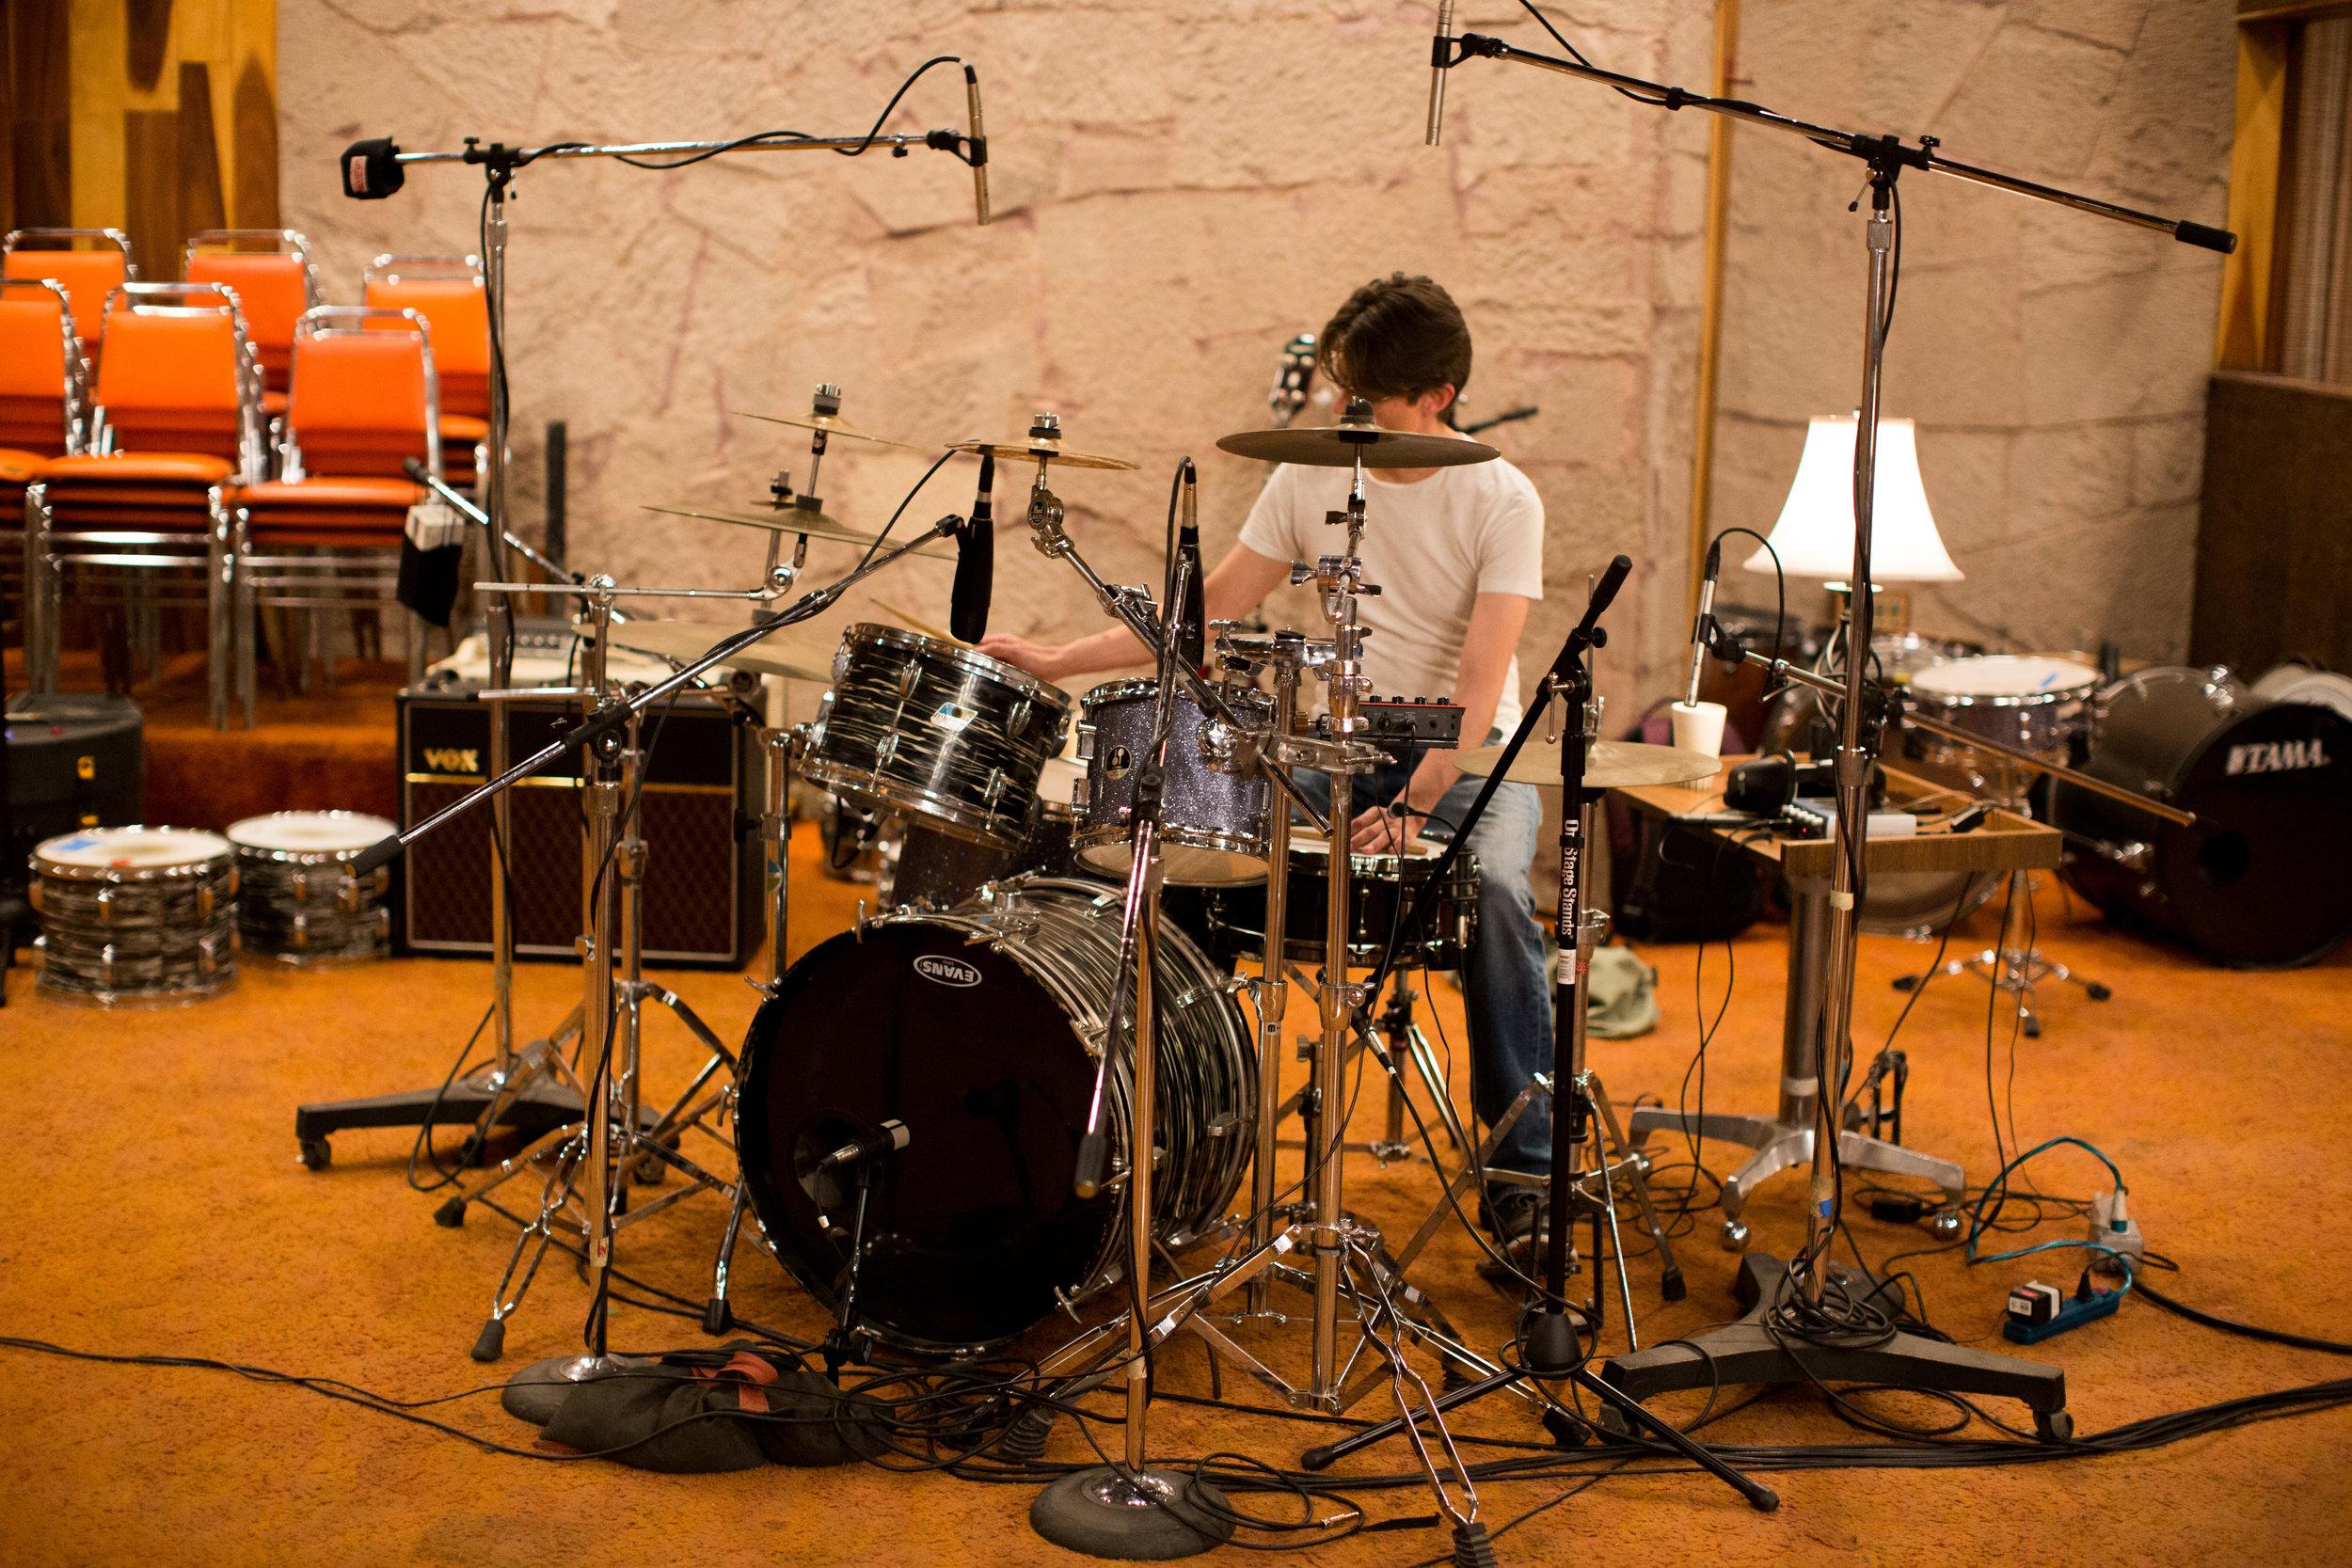 Hugo dándole a los tambores